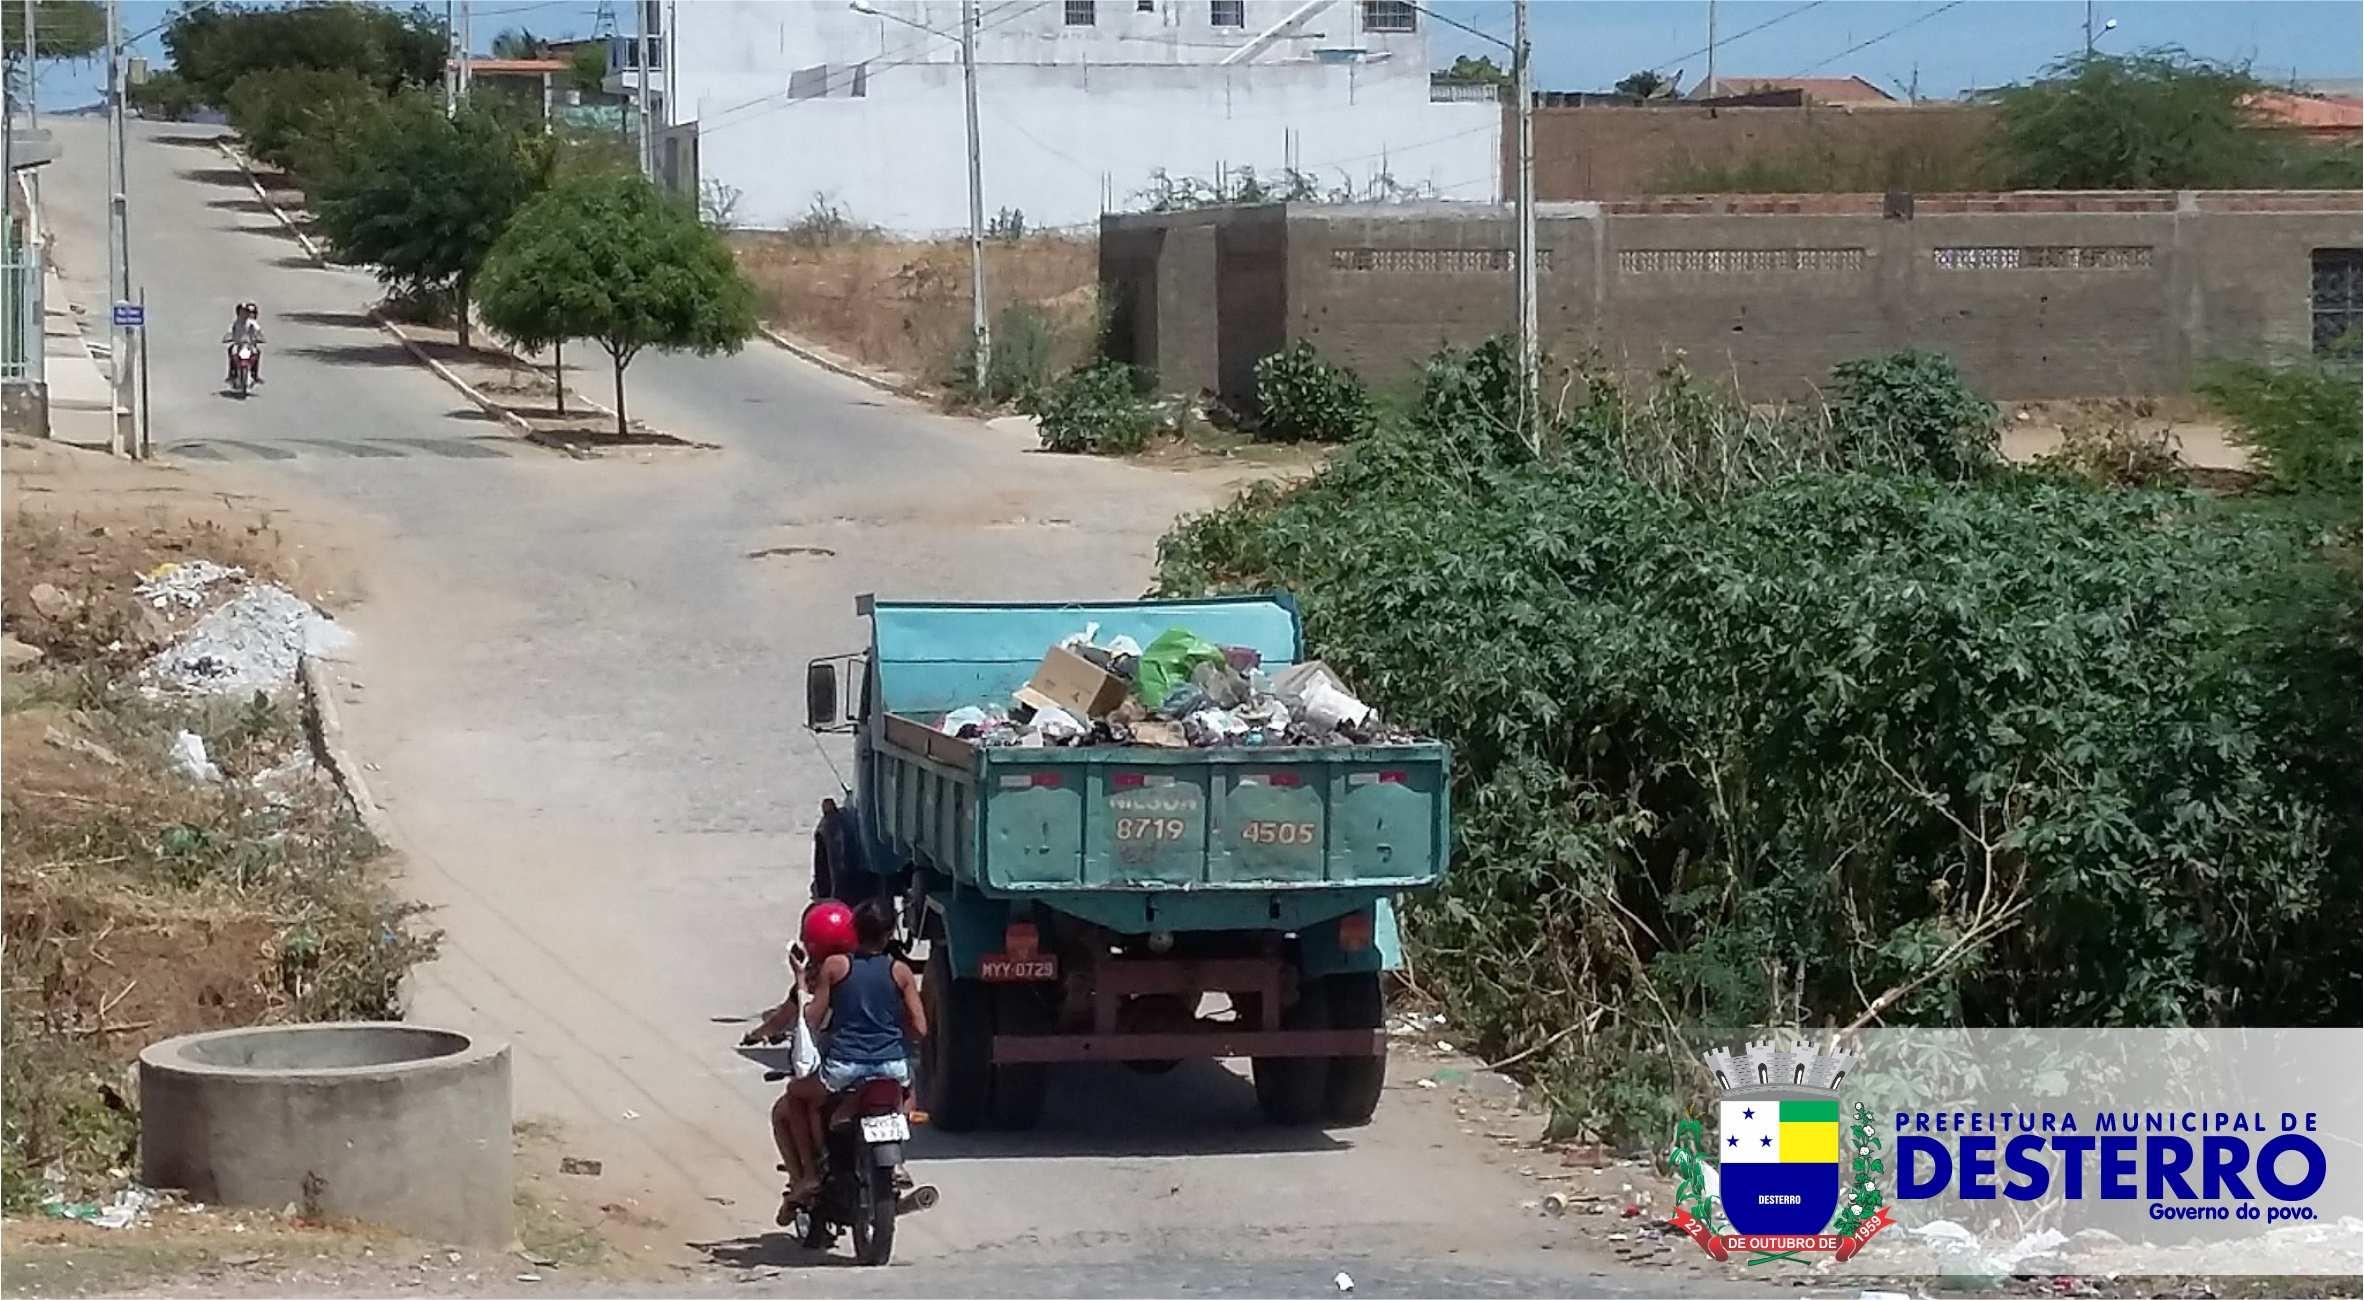 Equipes da Prefeitura trabalham na retirada dos lixões que surgiram...